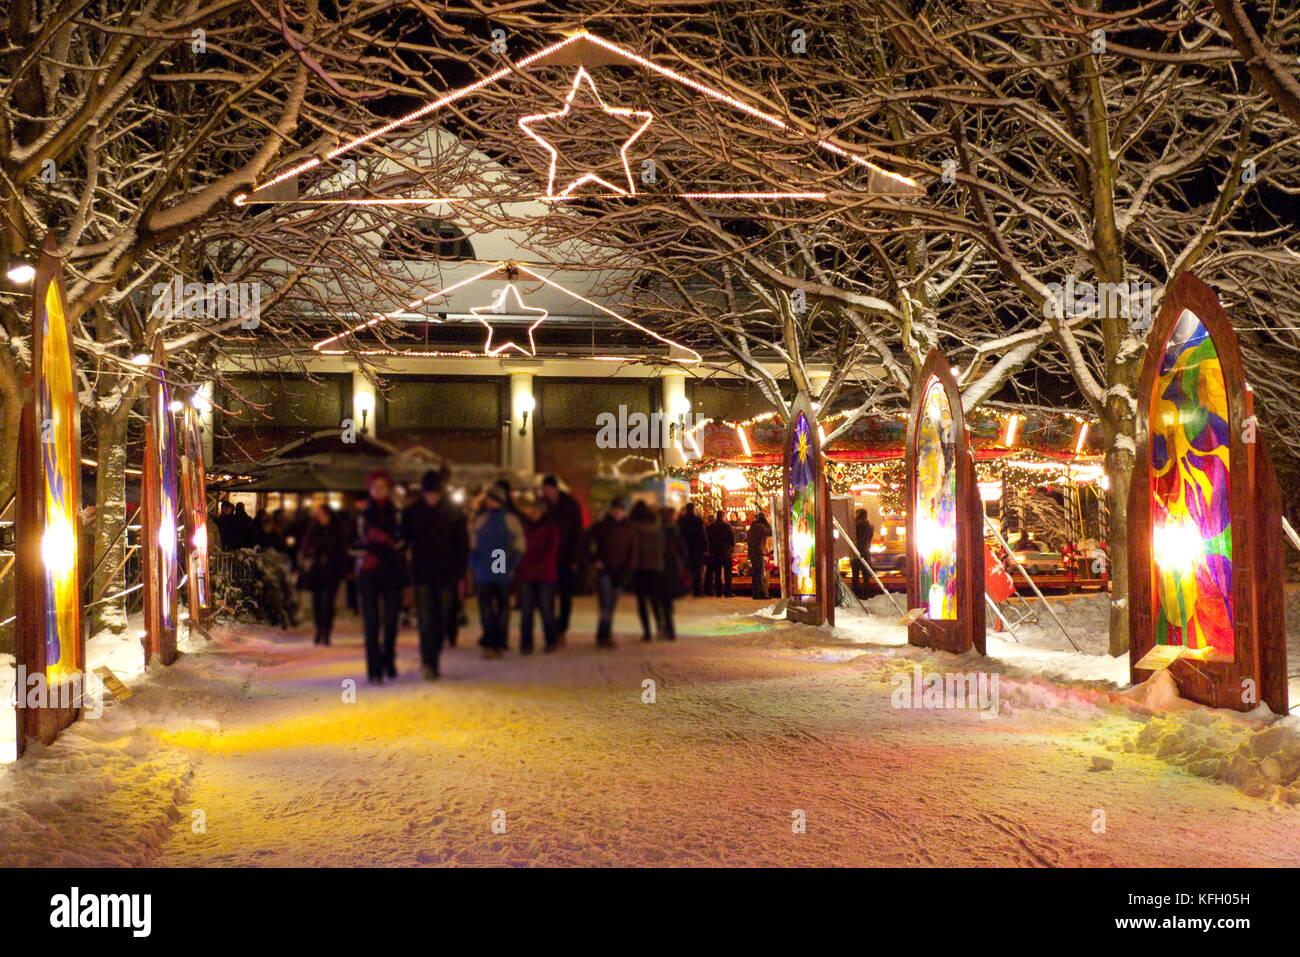 Weihnachtsmarkt, Christkindelsmarkt Baden-Baden - Stock Image